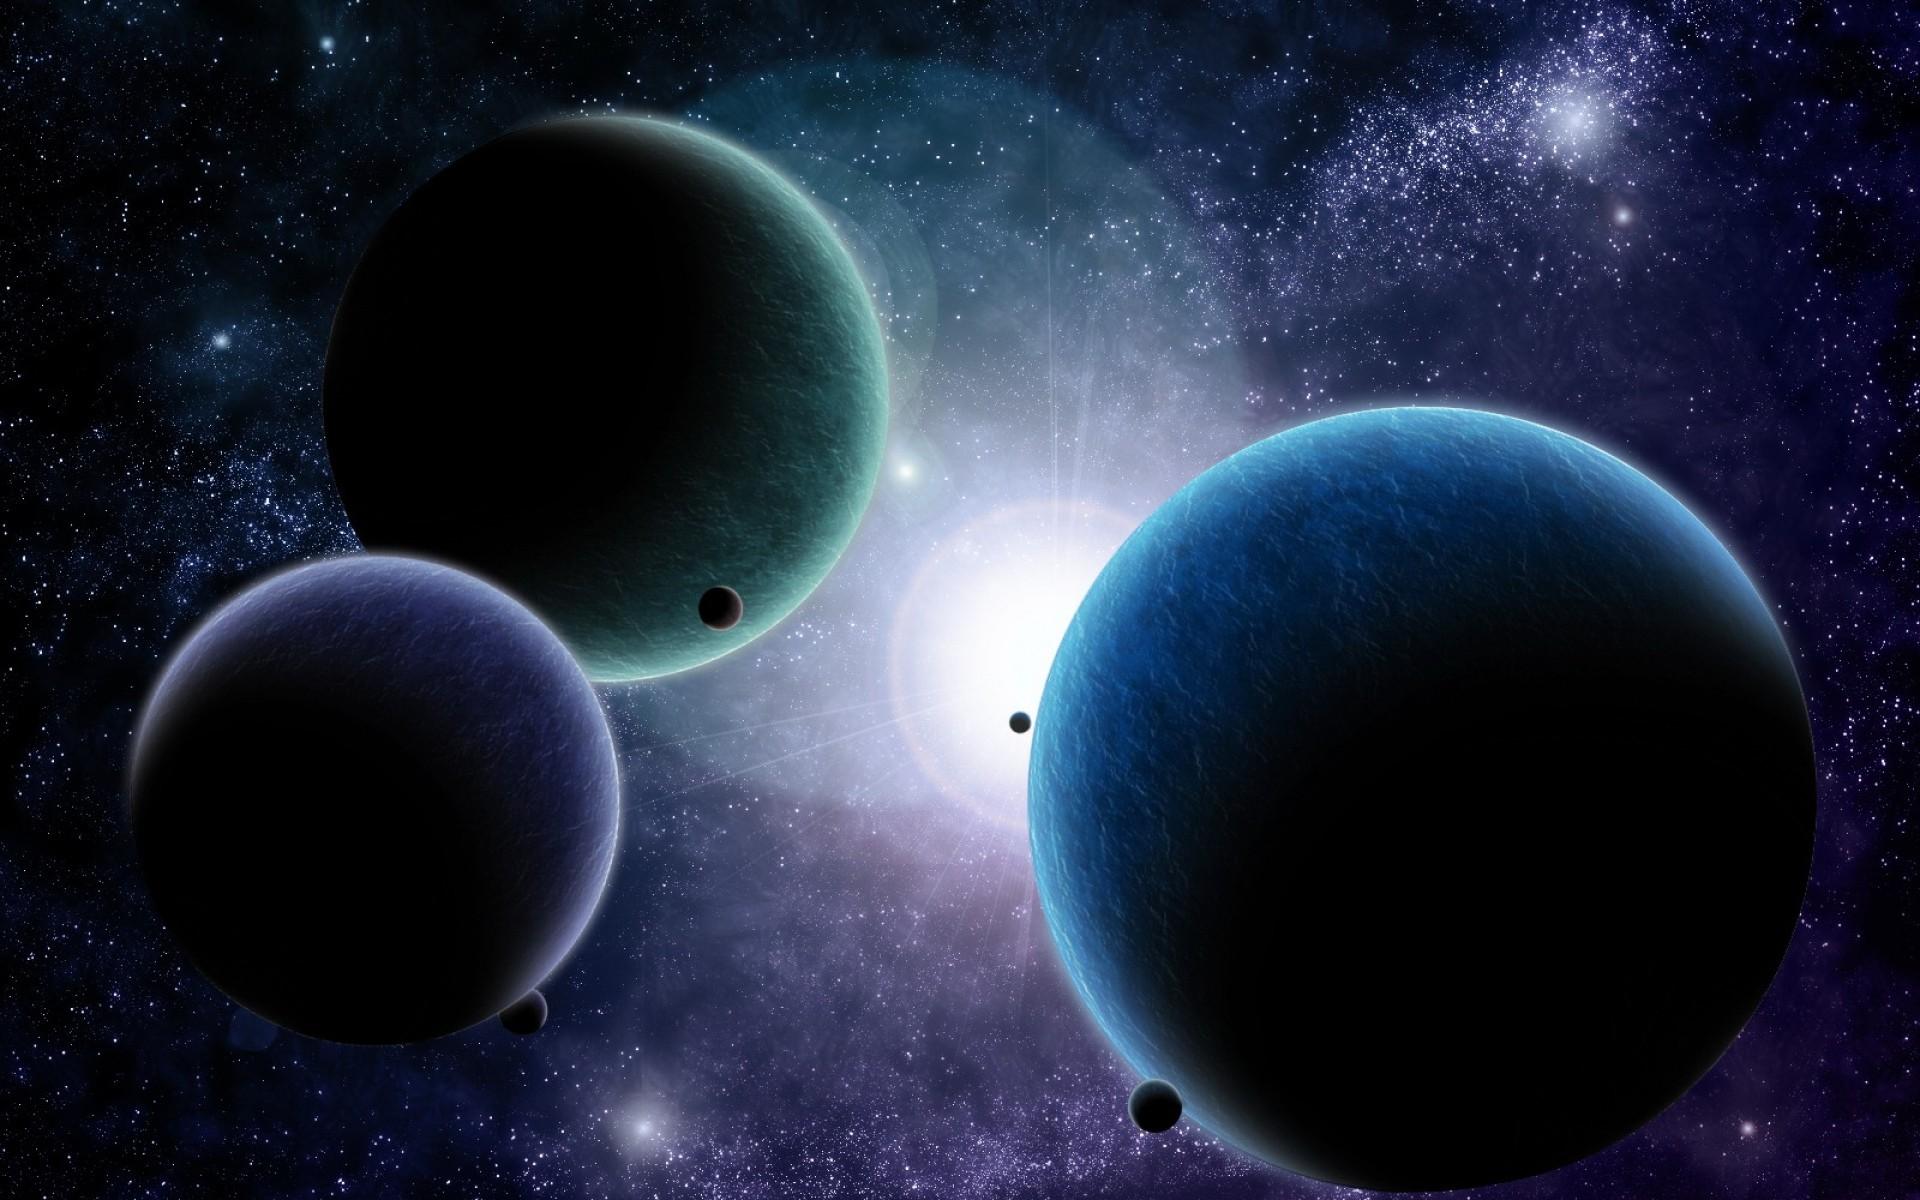 Беспризорная планета поставила астрономов втупик